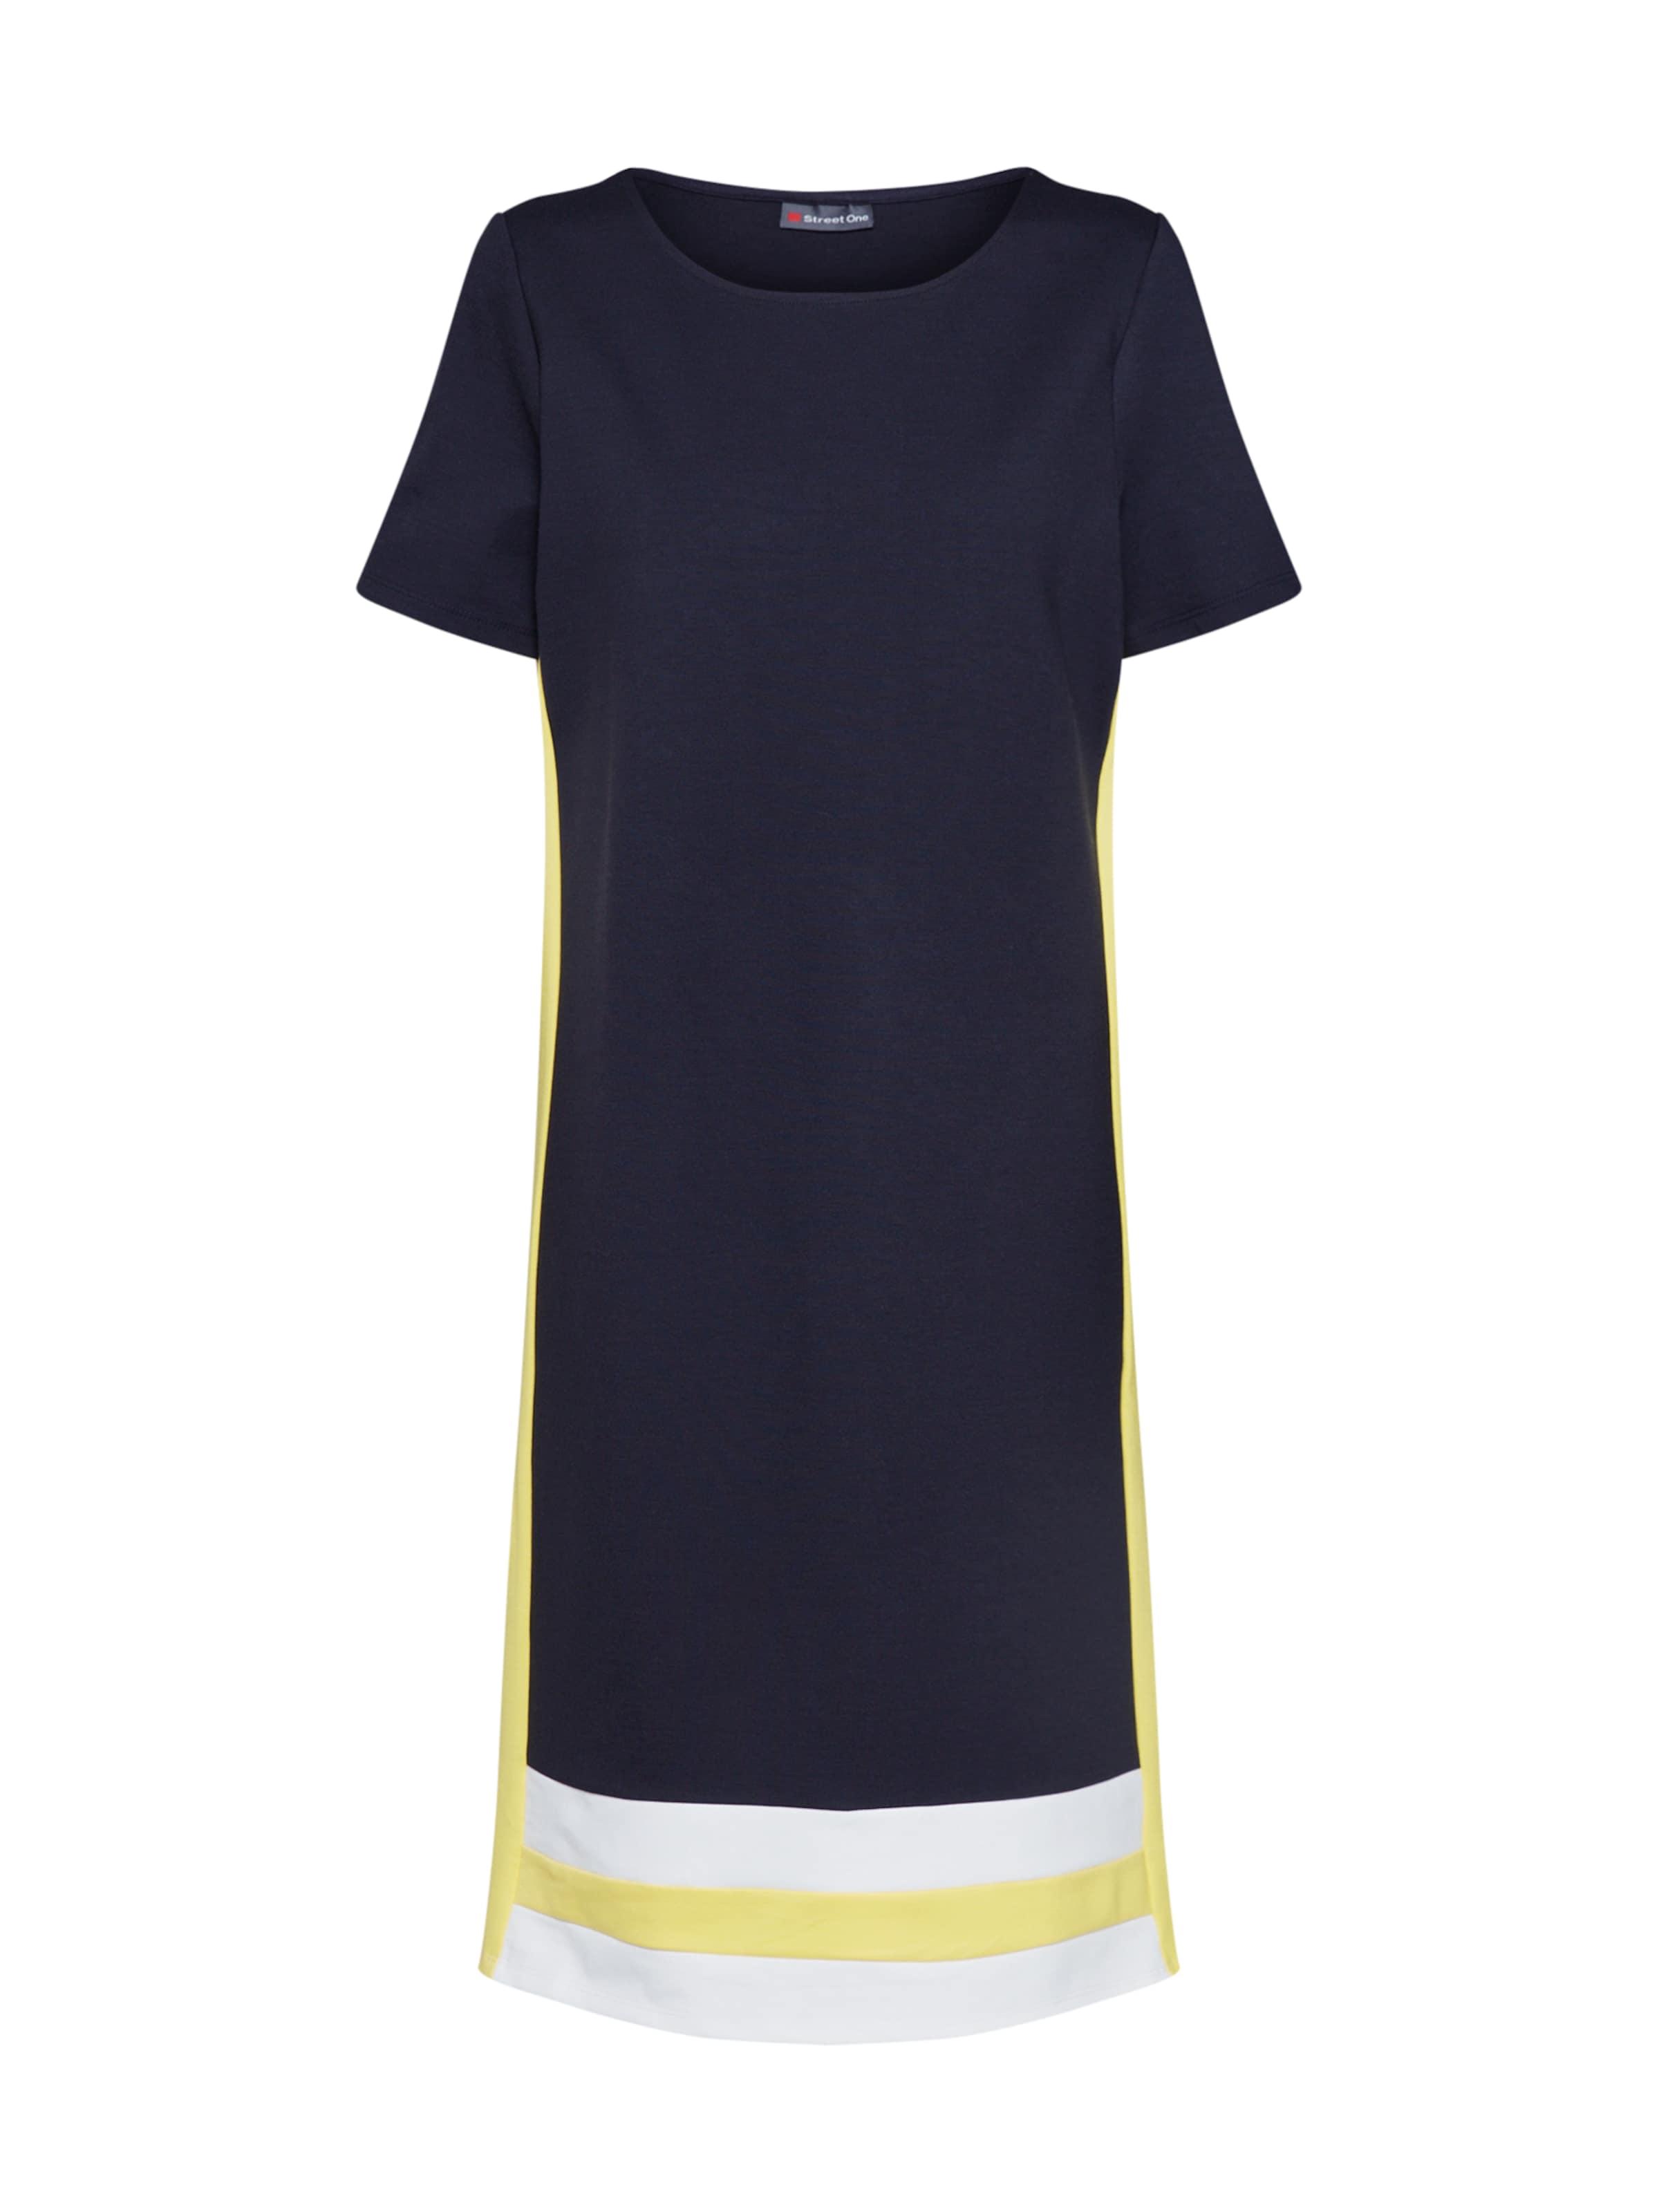 Blanc Robe Bleu Street One En MarineJaune qSVpjLUzMG